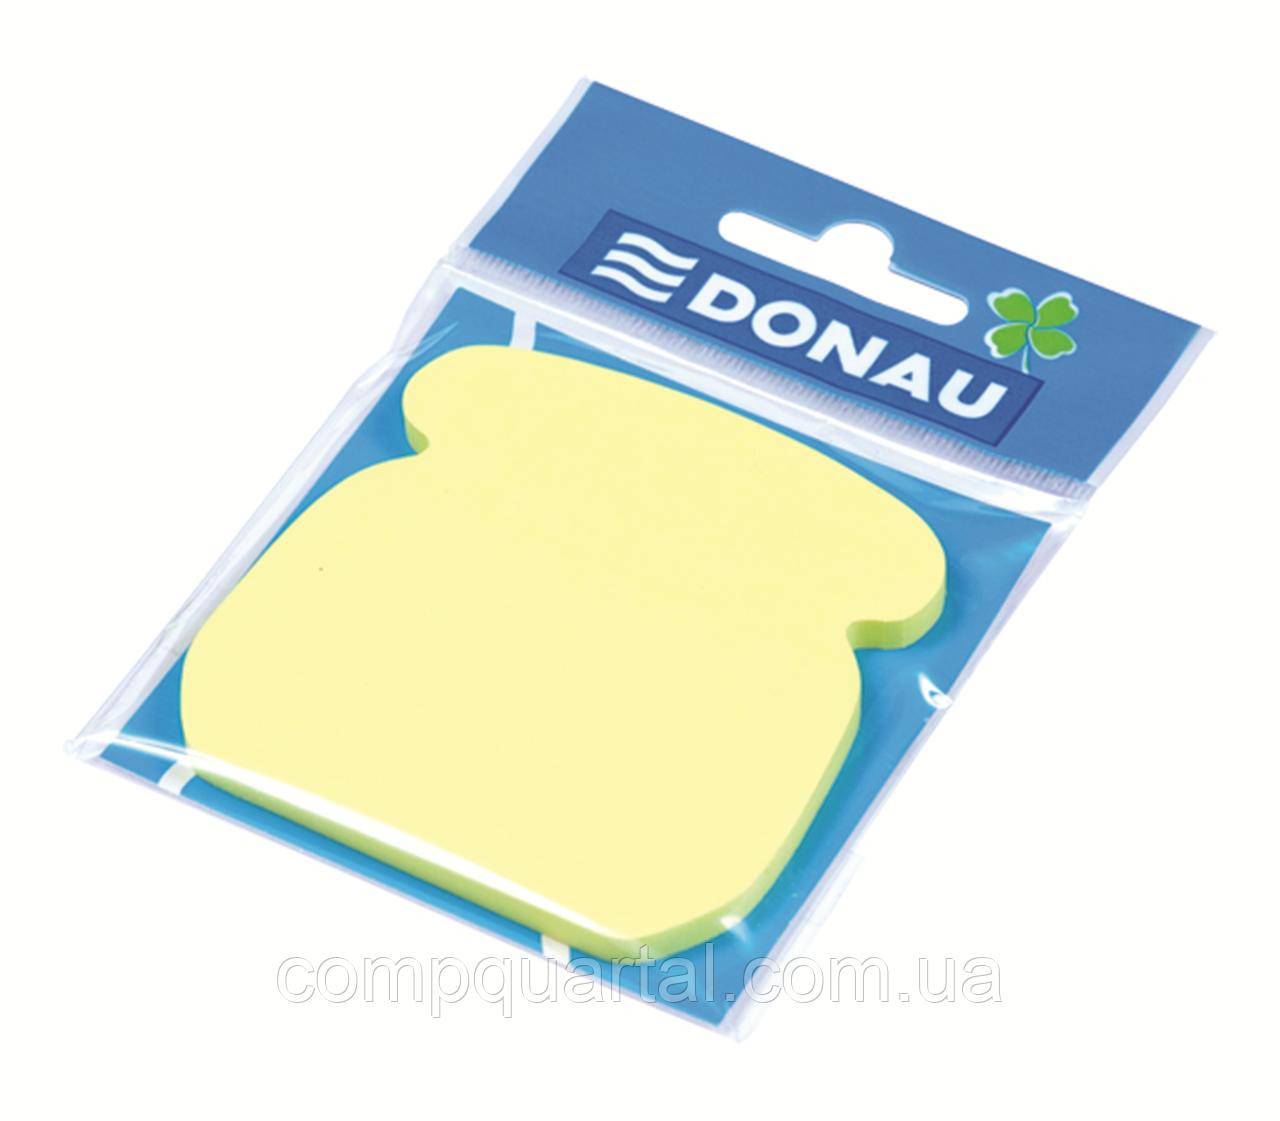 """Папір для нотаток з клейкою смужкою DONAU 7561001 """"Телефон"""" 50 аркушів Неон"""